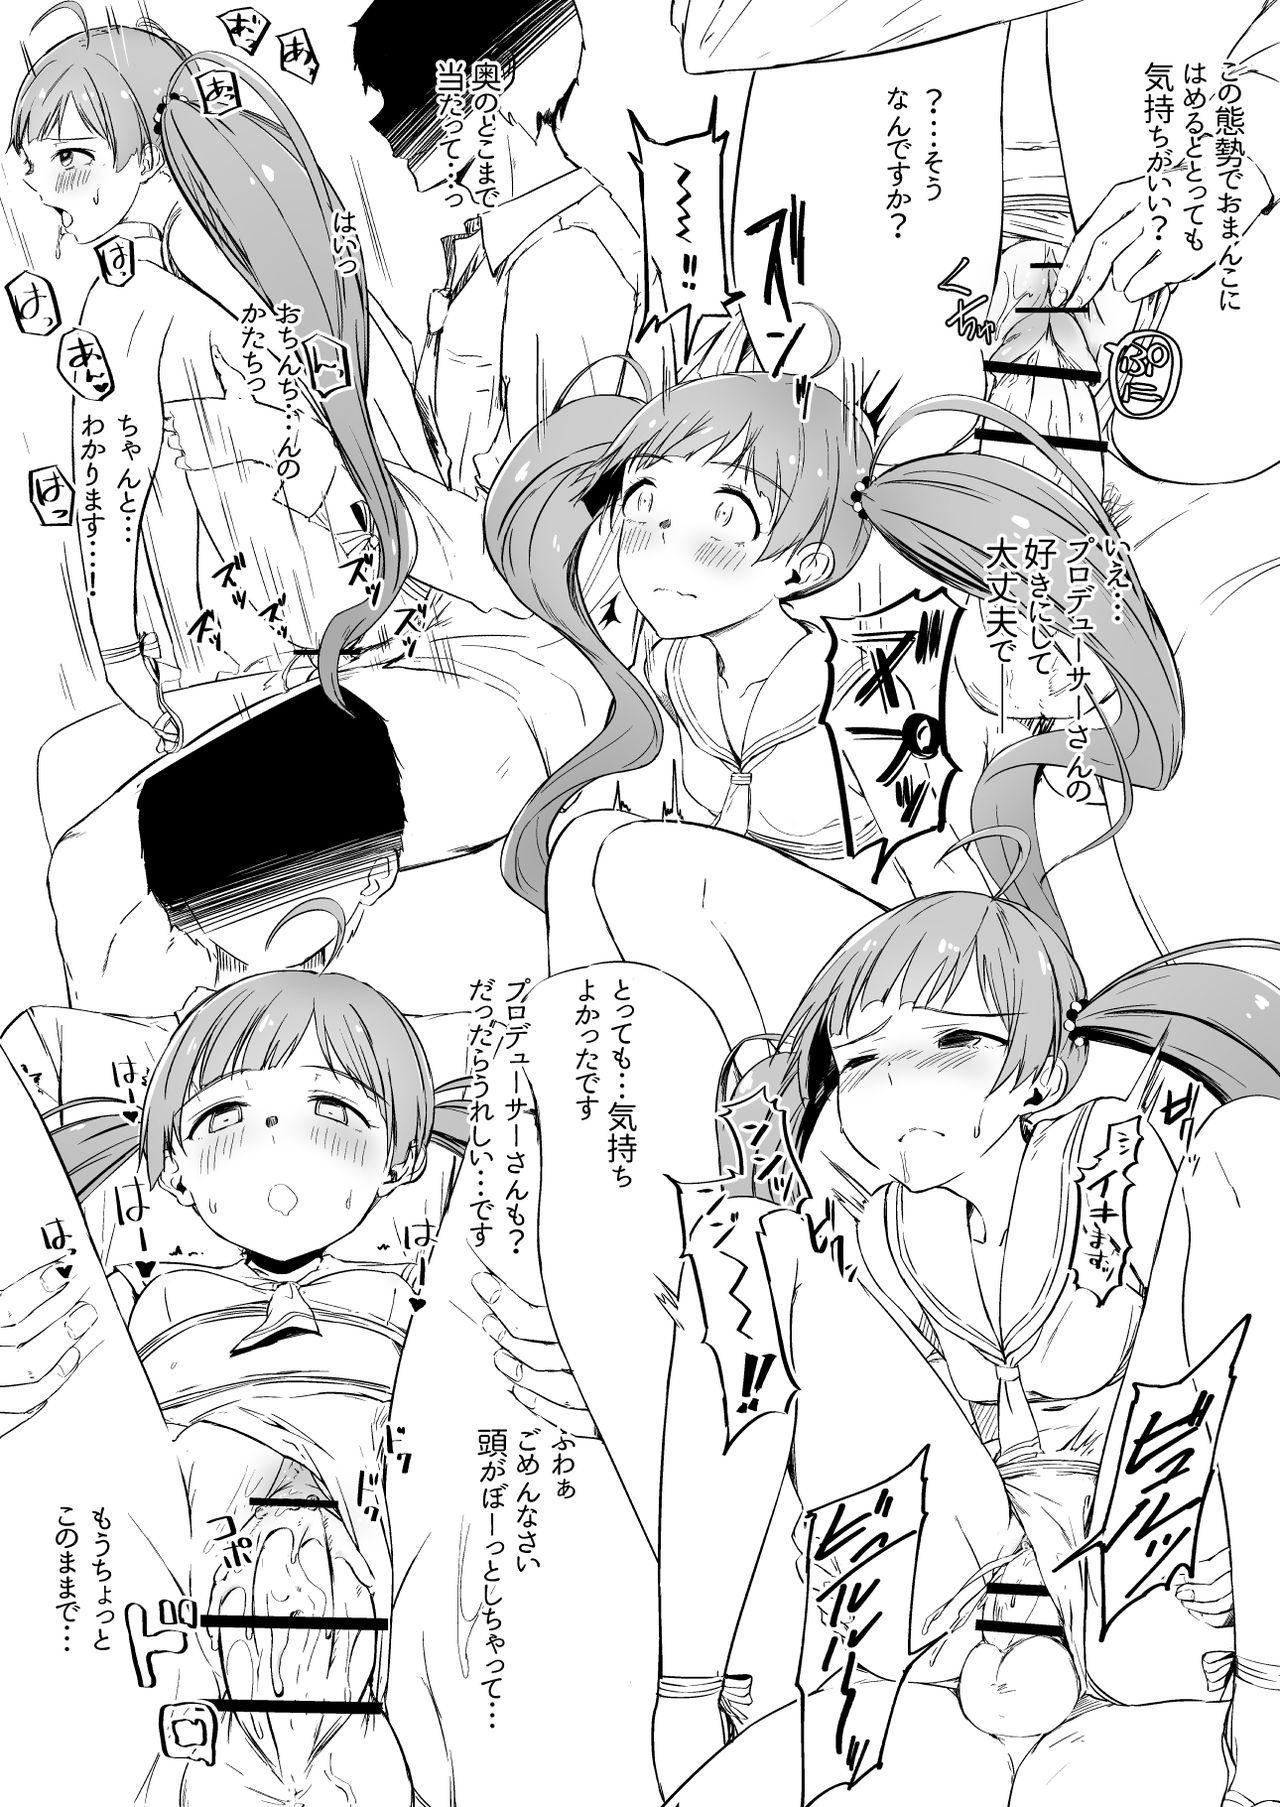 Sailor Mizugi de XXX+ 9